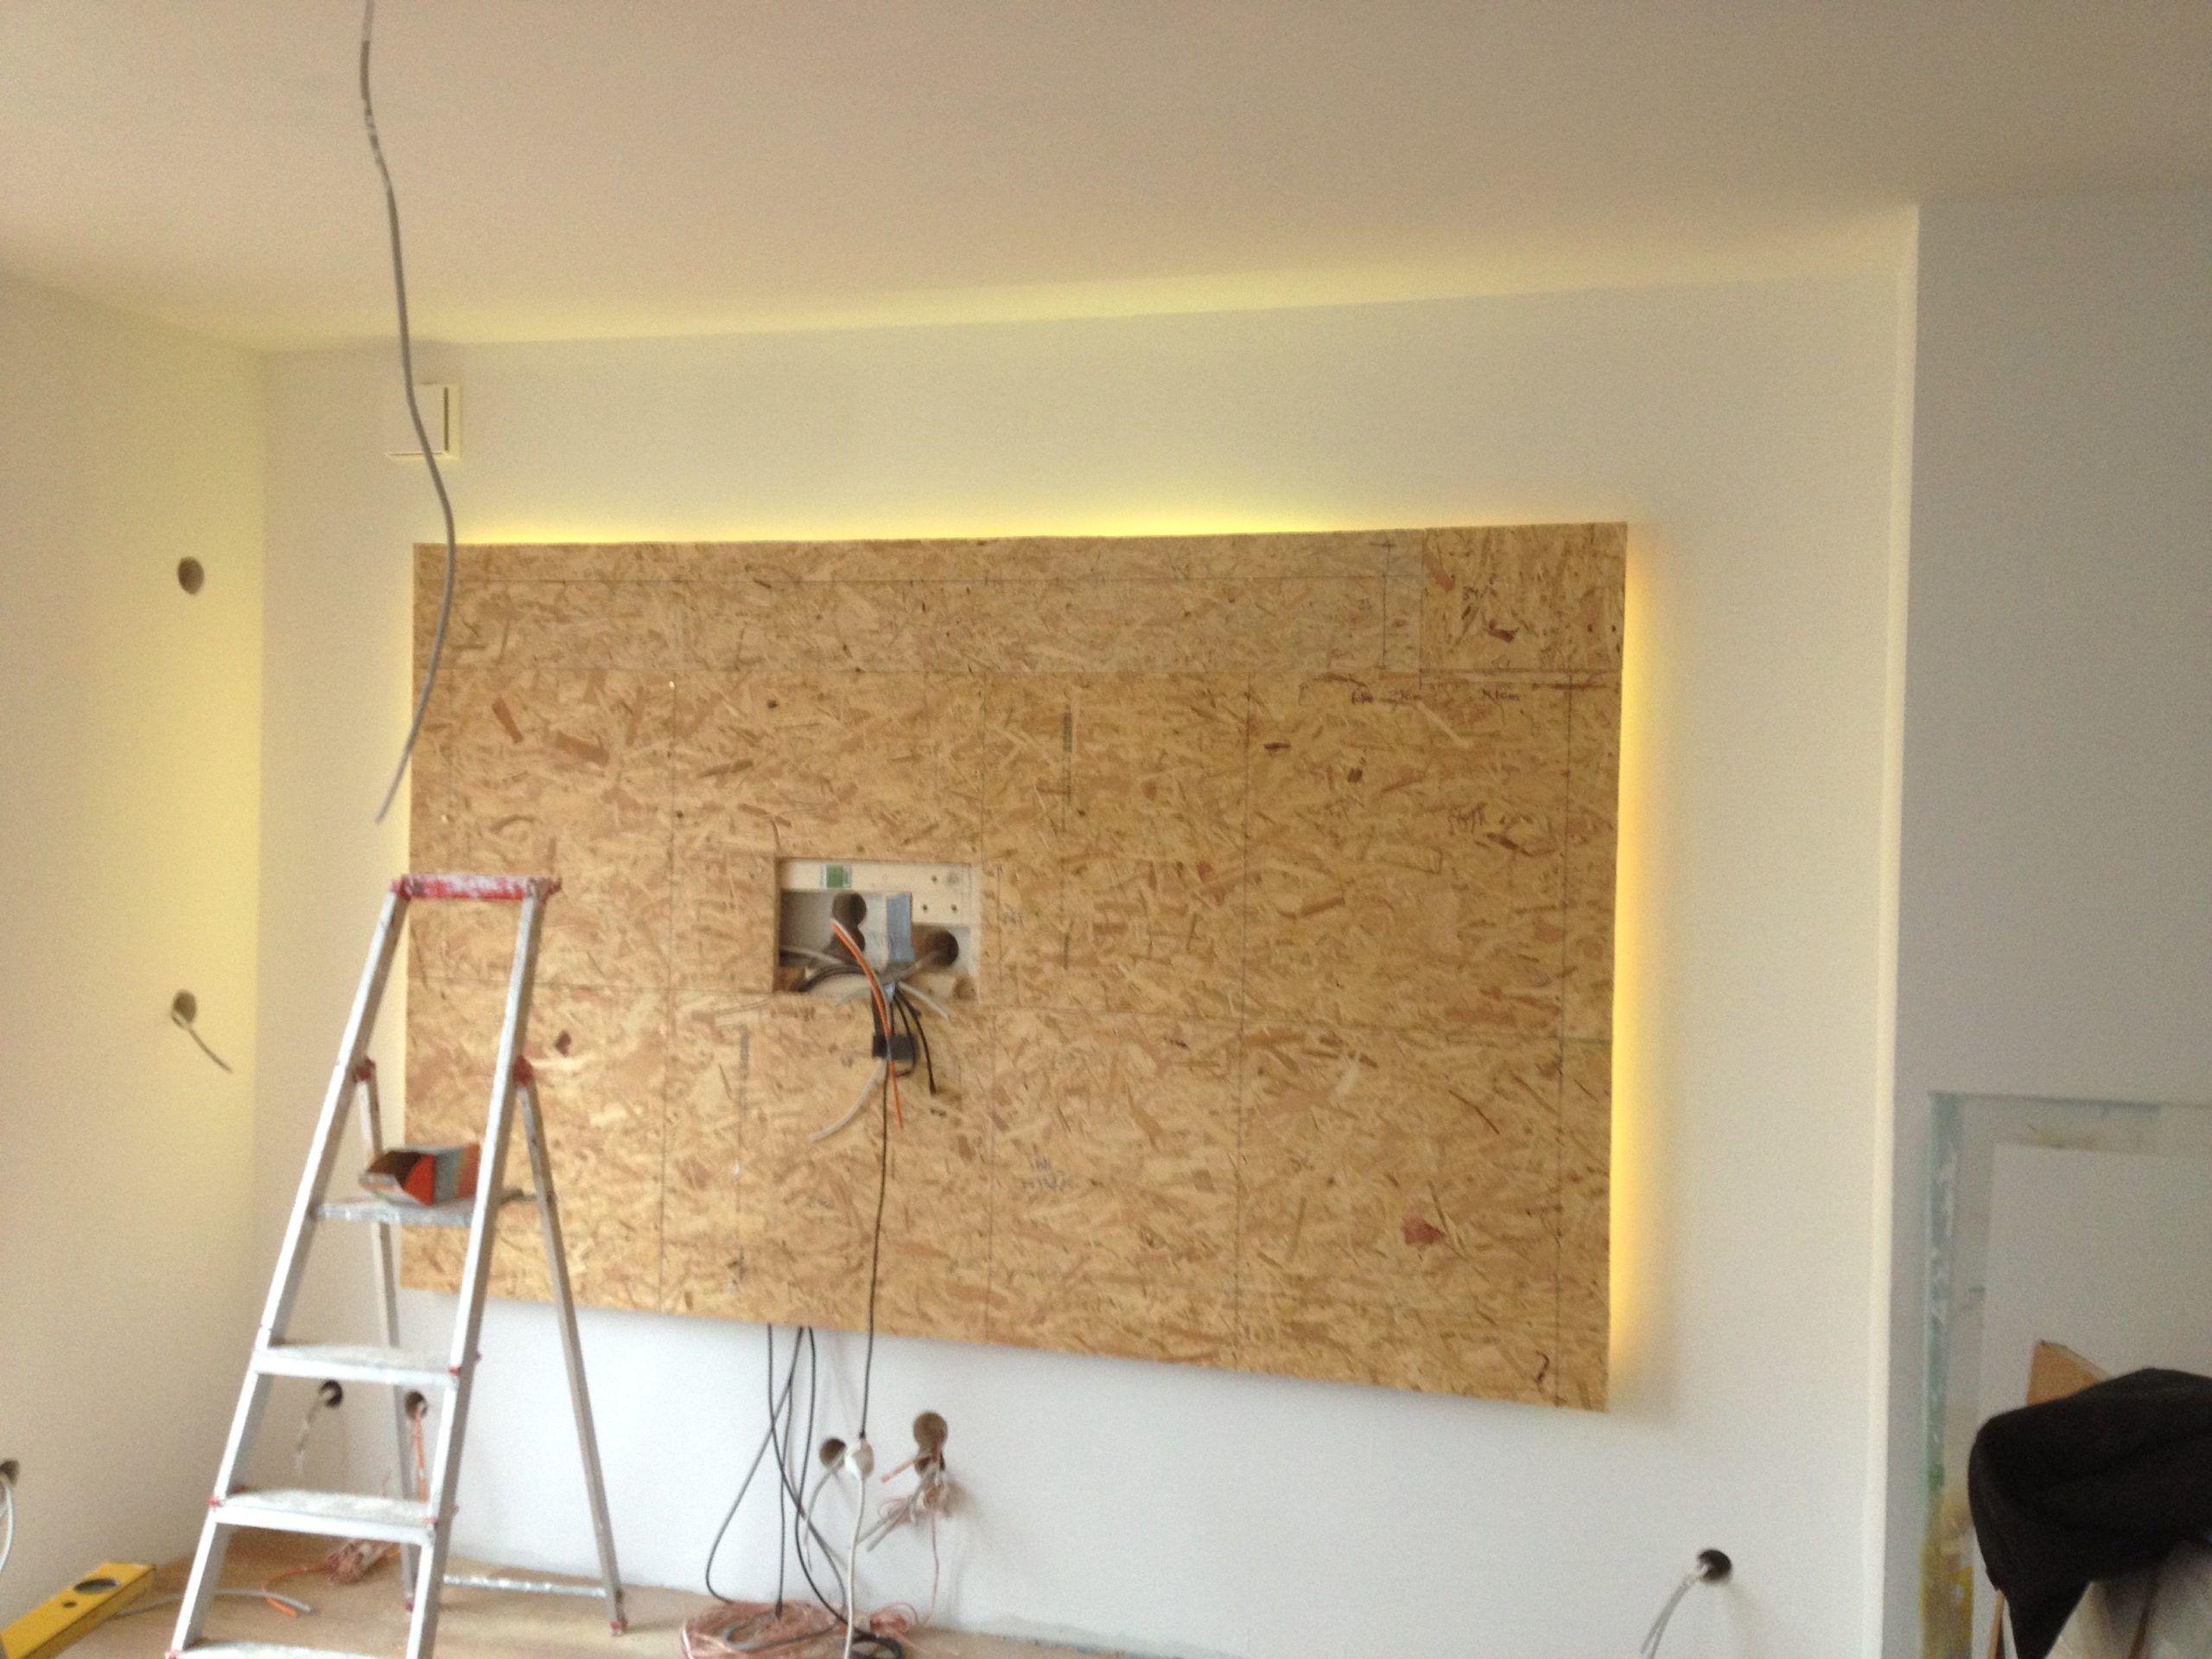 Full Size of Wohnzimmer Indirekte Beleuchtung Boden Modern Selber Bauen Ideen Machen Bild Von Sessel Liege Deko Schrankwand Deckenleuchte Stehlampen Teppich Lampe Komplett Wohnzimmer Wohnzimmer Indirekte Beleuchtung